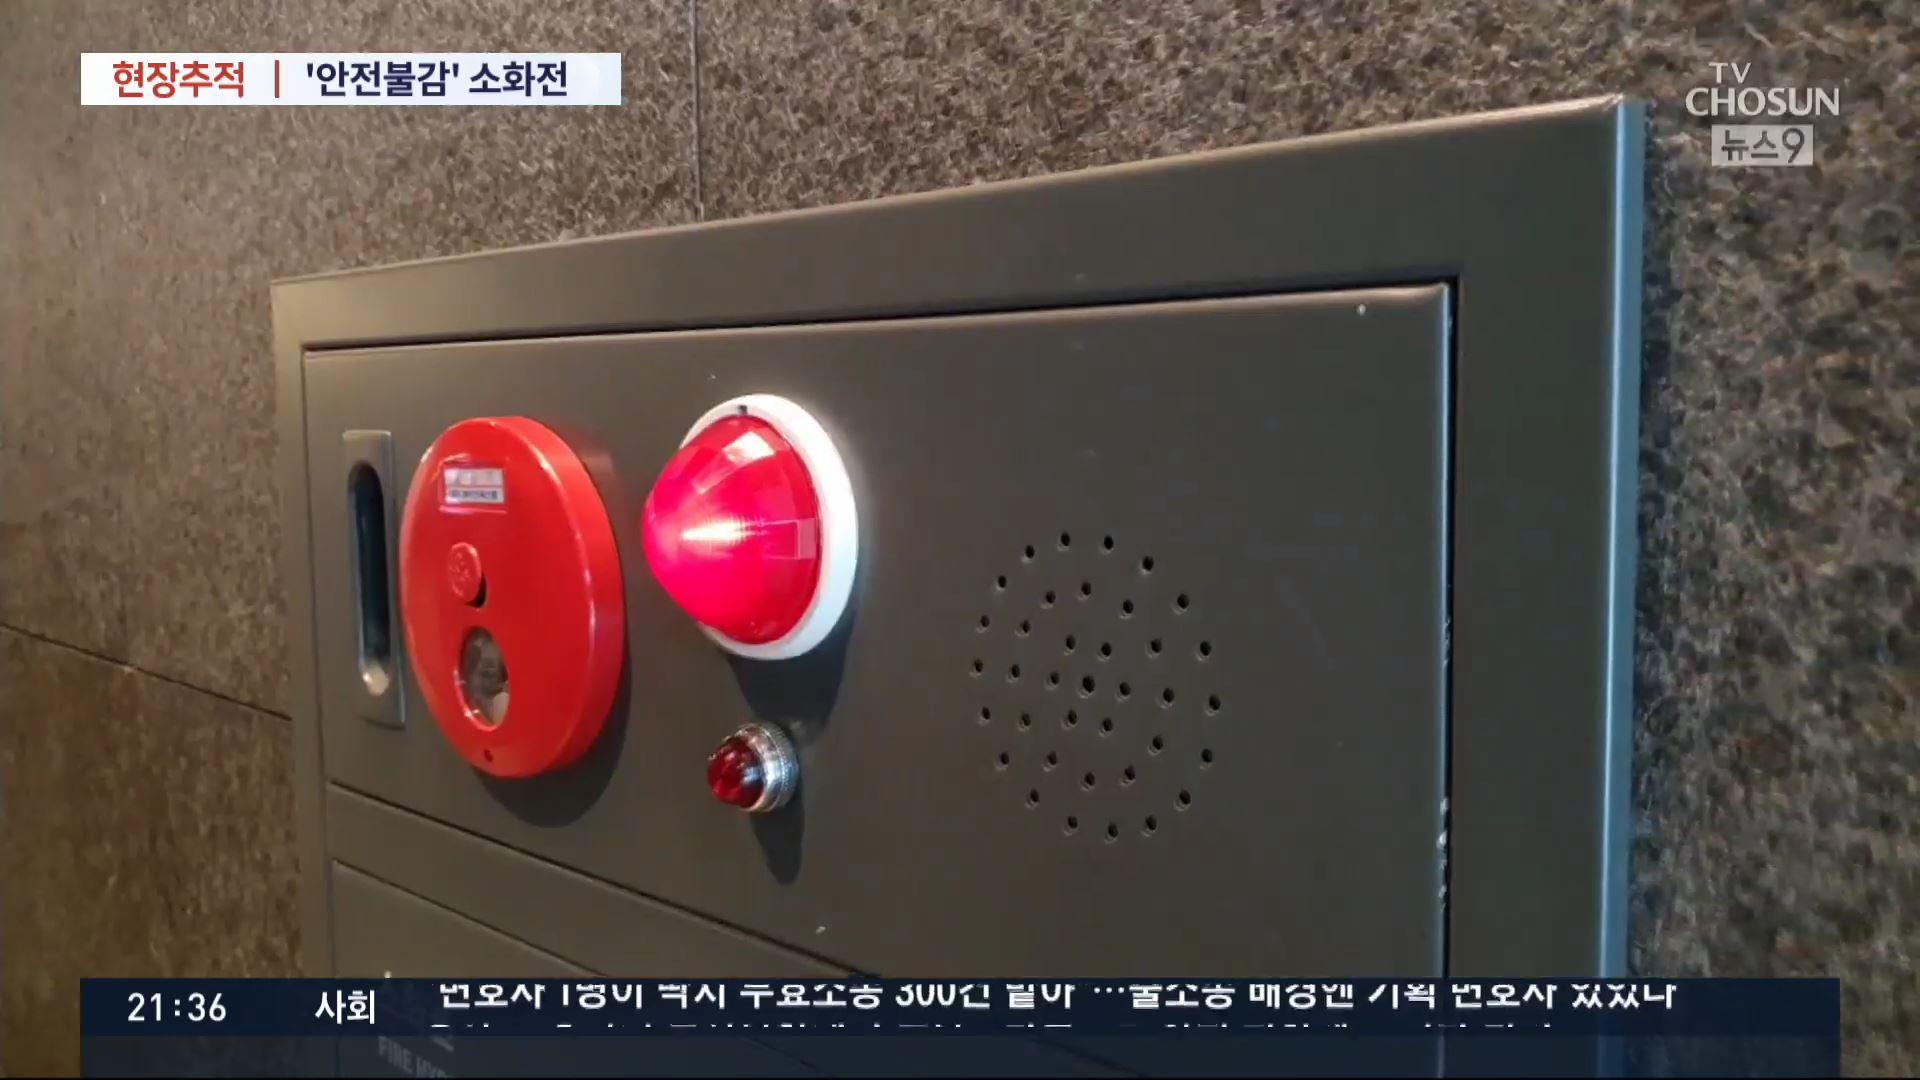 [현장추적] 인테리어 같은 소화전…불나면 어찌 하려고